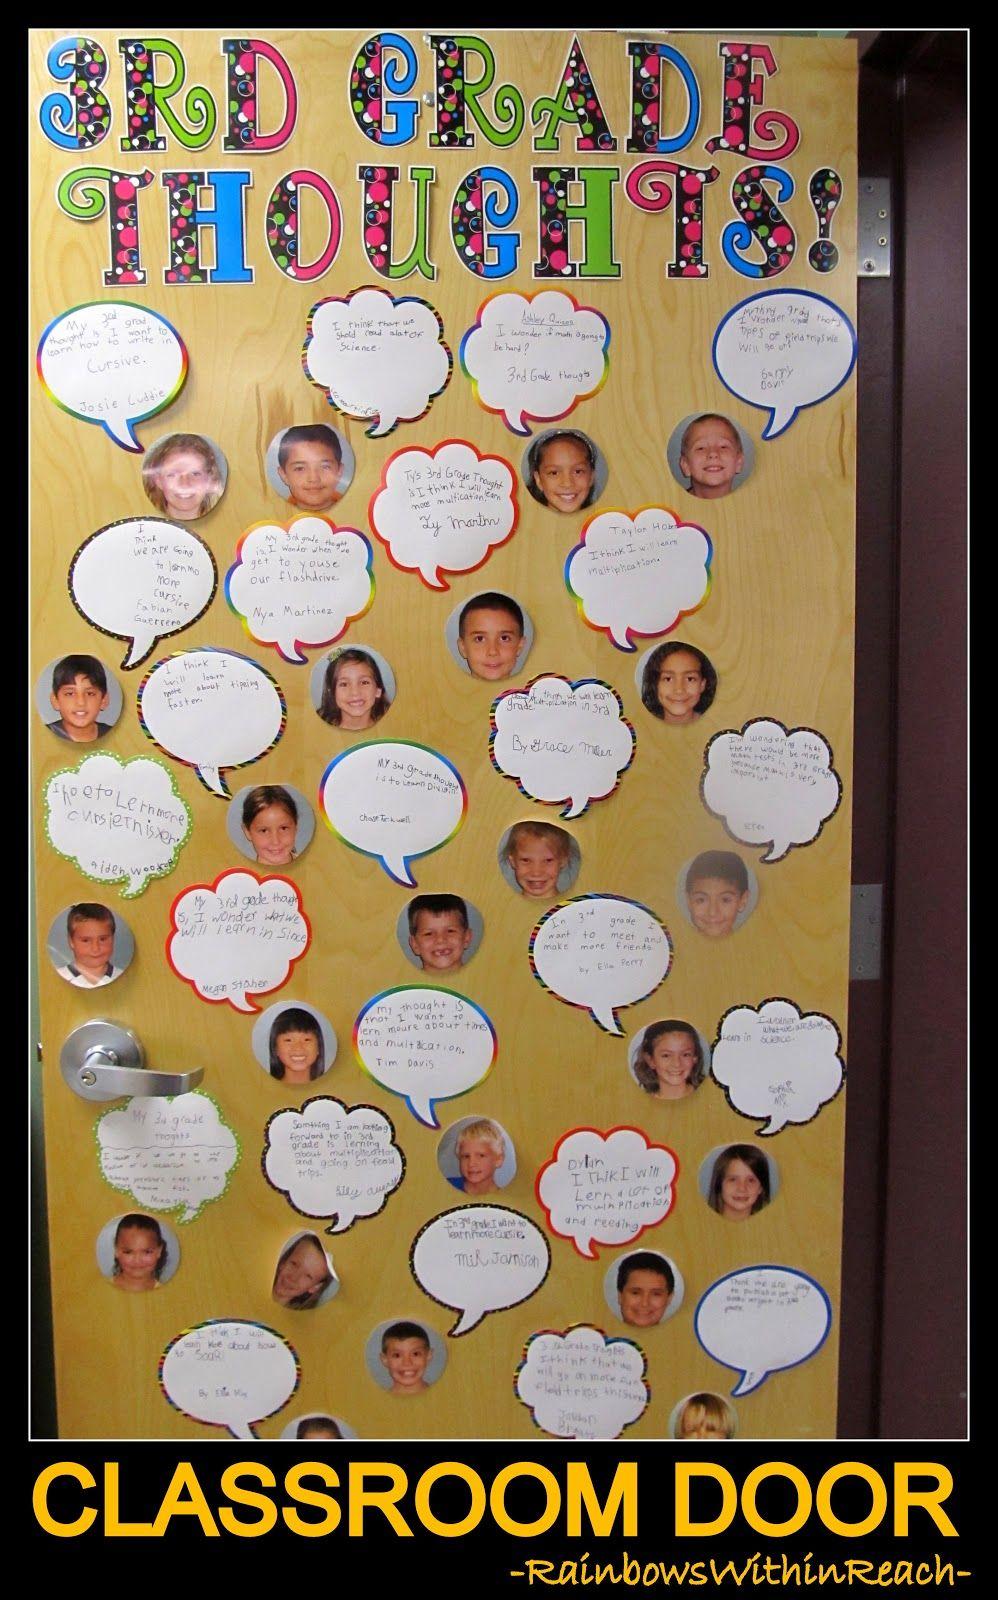 Classroom+Door+of+Thoughts.jpg 998×1,600 pixels